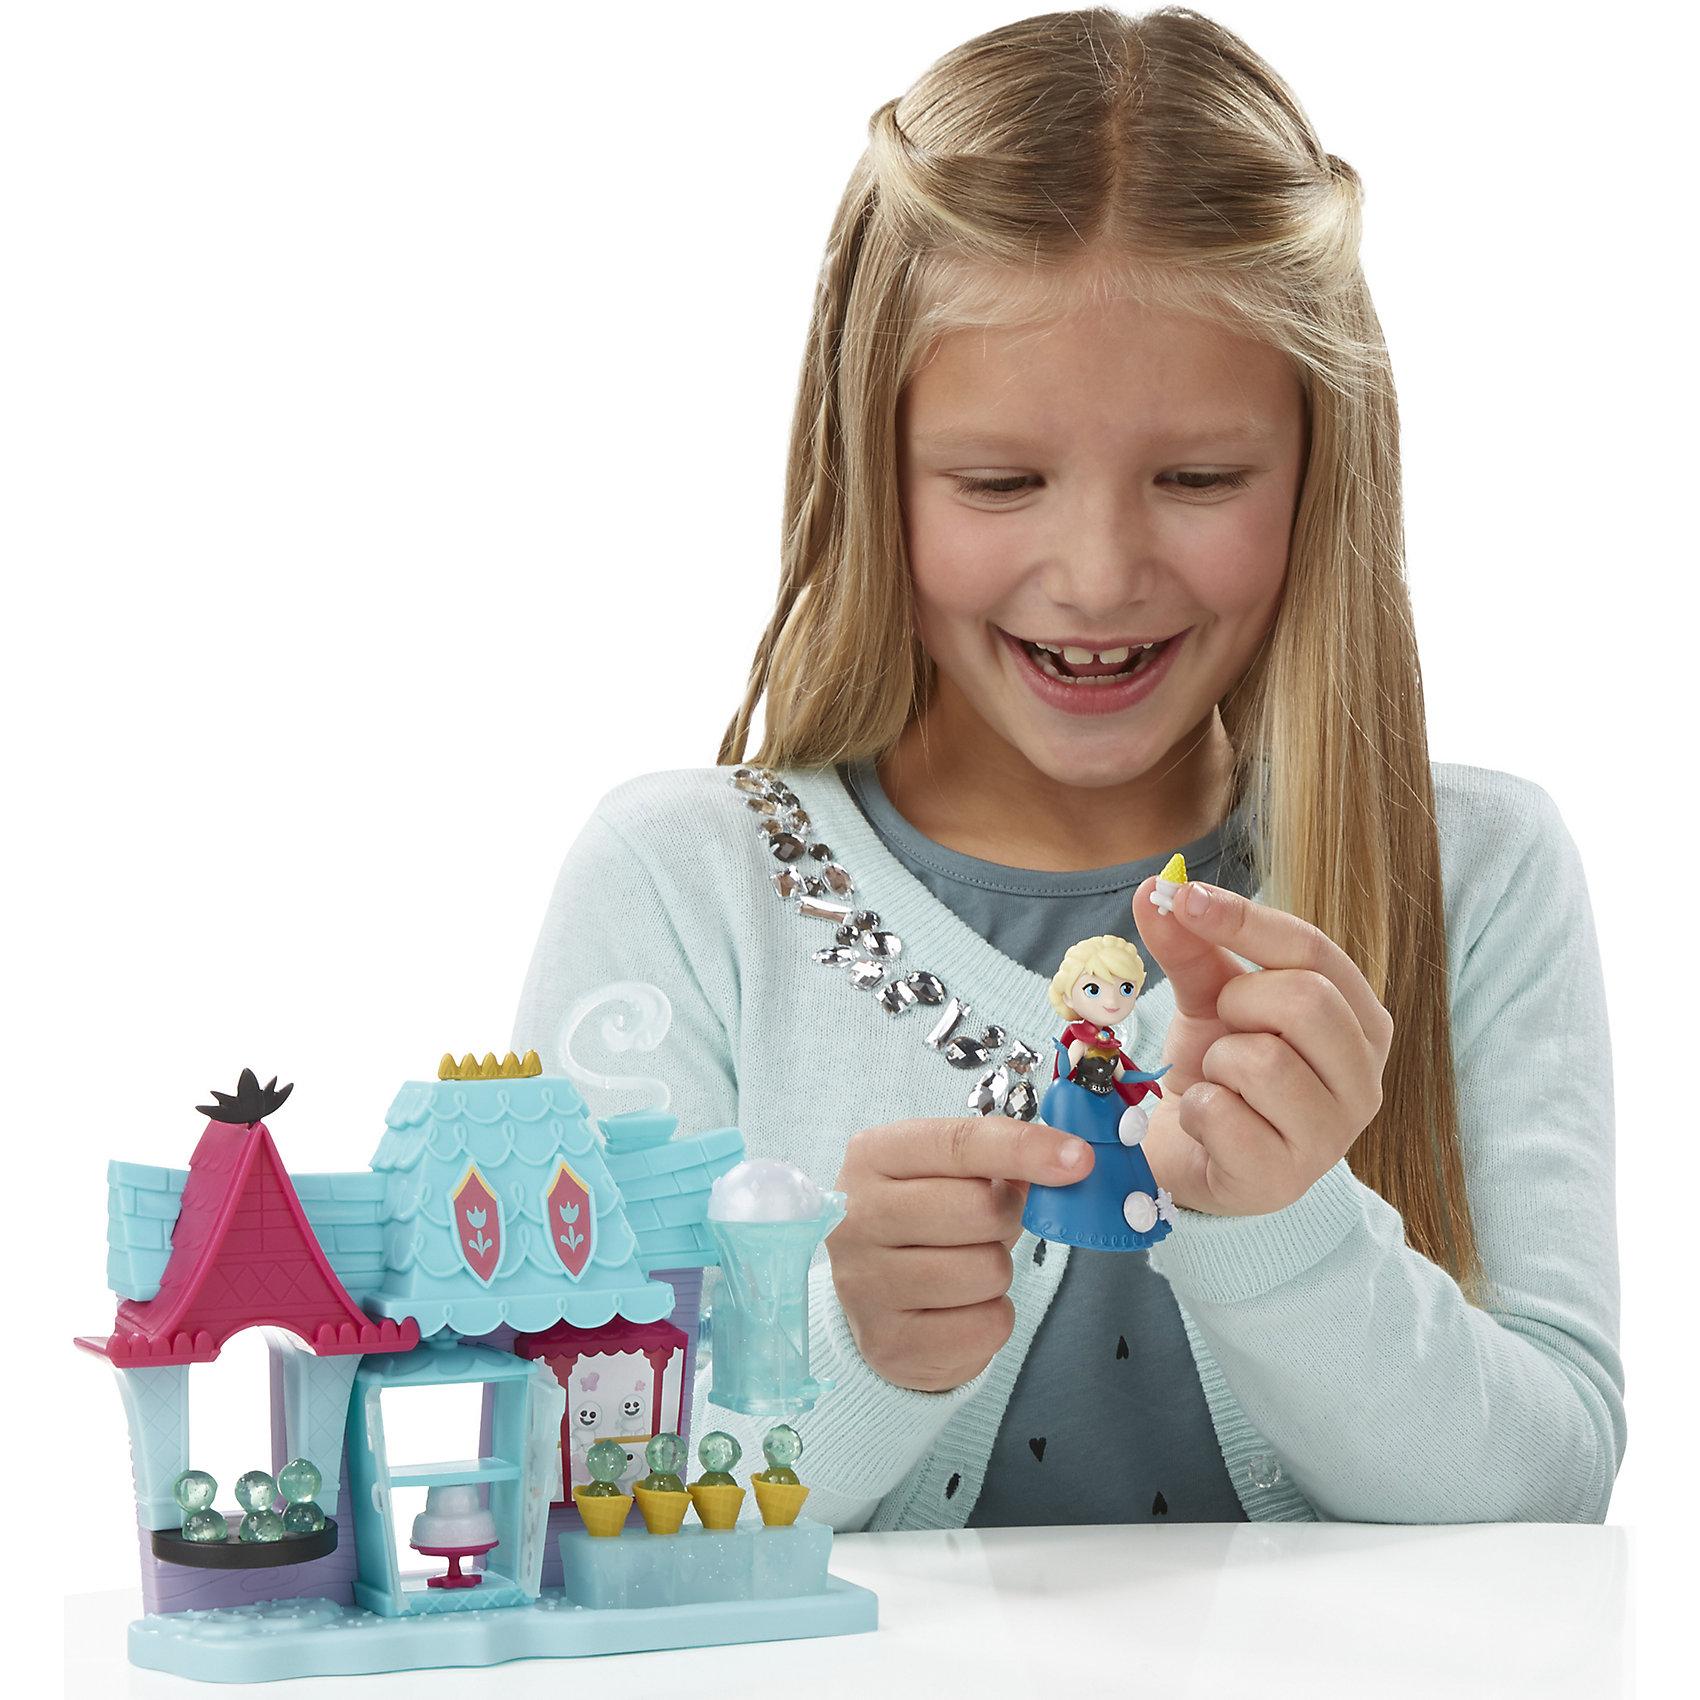 Игровой набор Маленькие куклы Эльза и магазин сладостей,  Холодное сердцеМини-куклы<br>Игровой набор Маленькие куклы, Холодное сердце, B5194/B5195.<br><br>Характеристики:<br><br>- В наборе: фигурка Эльзы, станция для приготовления мороженного; маленькие ледяные сиденья; рожки с мороженым; угощенья изо льда; стулья; дополнительные аксессуары, которые можно прикреплять для украшения наряда Эльзы<br>- Материал: высококачественная пластмасса<br>- Размер упаковки: 6,3х30,5х22,8 см.<br><br>Набор Эльза и магазин сладостей Эренедела от торговой марки Hasbro (Хасбро) станет отличным подарком девочке в возрасте от 4 лет. В комплект входит магазин с мороженым и фигурка принцессы. Магазин таит в себе много сюрпризов. В нем предусмотрен холодильник с полочками, подоконник с подставкой для шариков мороженого и специальное приспособление для изготовления рожков с холодным десертом. Эльза сможет создавать ледяные пирожные, шарики нежнейшего мороженого, помещенные в вафельные стаканчики, а также торт, украшенный в стиле морозной принцессы. Фигурку Эльзы можно украсить с помощью дополнительных аксессуаров. Все детали набора выполнены из прочной нетоксичной пластмассы. Набор Эльза и магазин сладостей Эренделла непременно порадует вашу маленькую принцессу и подарит ей массу положительных эмоций.<br><br>Игровой набор Маленькие куклы, Холодное сердце, B5194/B5195 можно купить в нашем интернет-магазине.<br><br>Ширина мм: 303<br>Глубина мм: 225<br>Высота мм: 1400<br>Вес г: 356<br>Возраст от месяцев: 48<br>Возраст до месяцев: 96<br>Пол: Женский<br>Возраст: Детский<br>SKU: 5064695